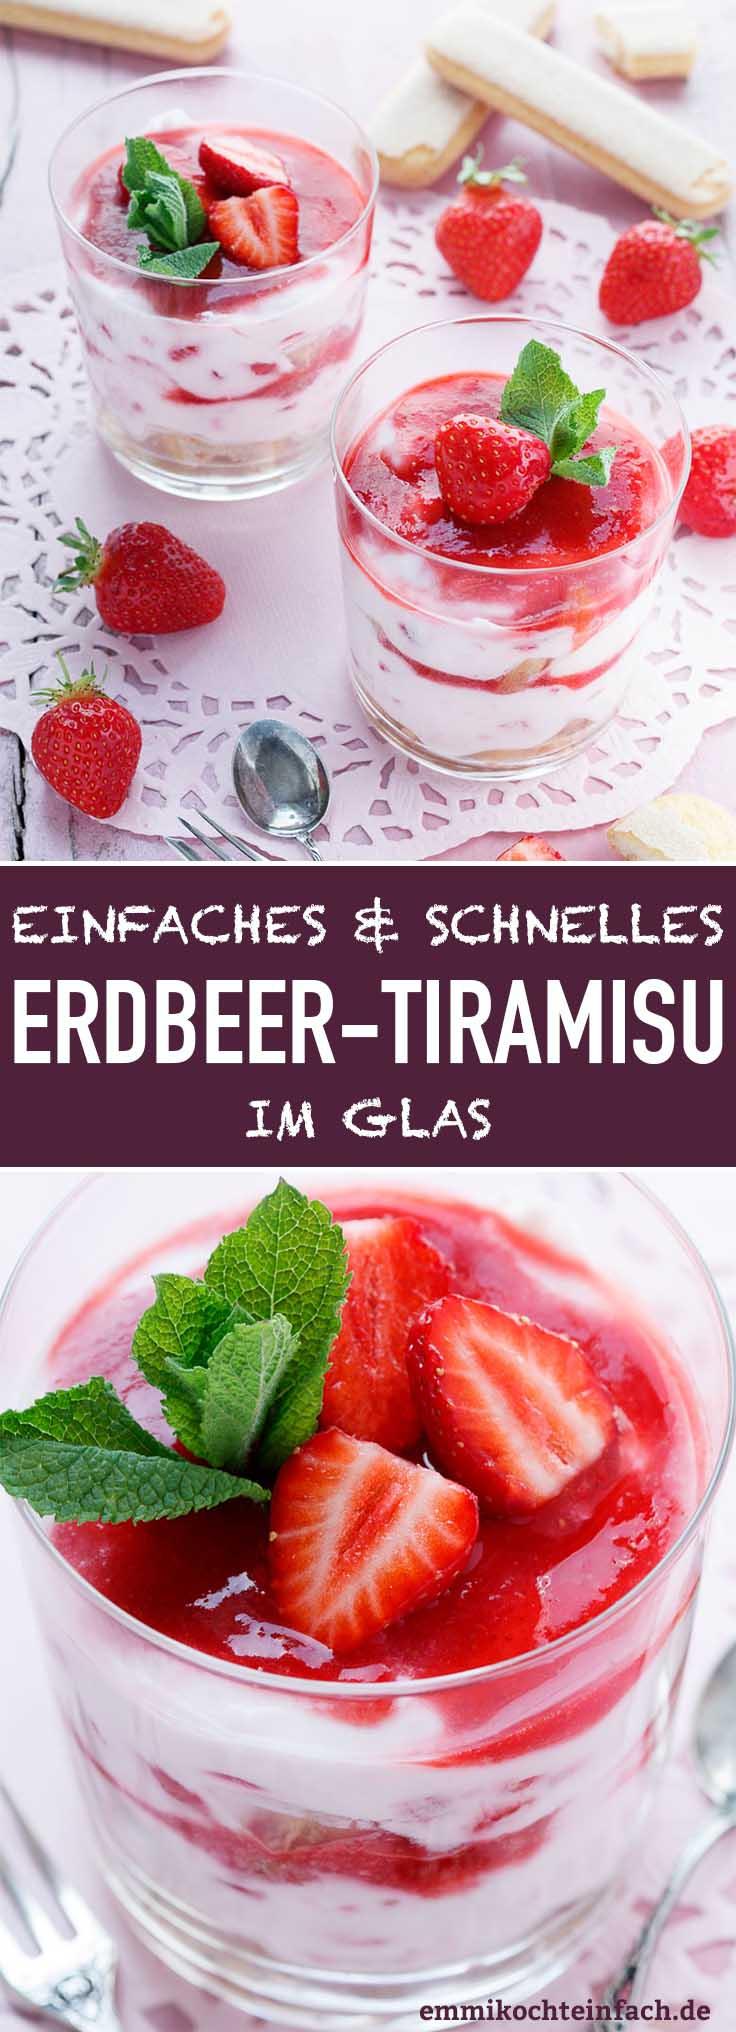 Erdbeer-Tiramisu im Glas - www.emmikochteinfach.de